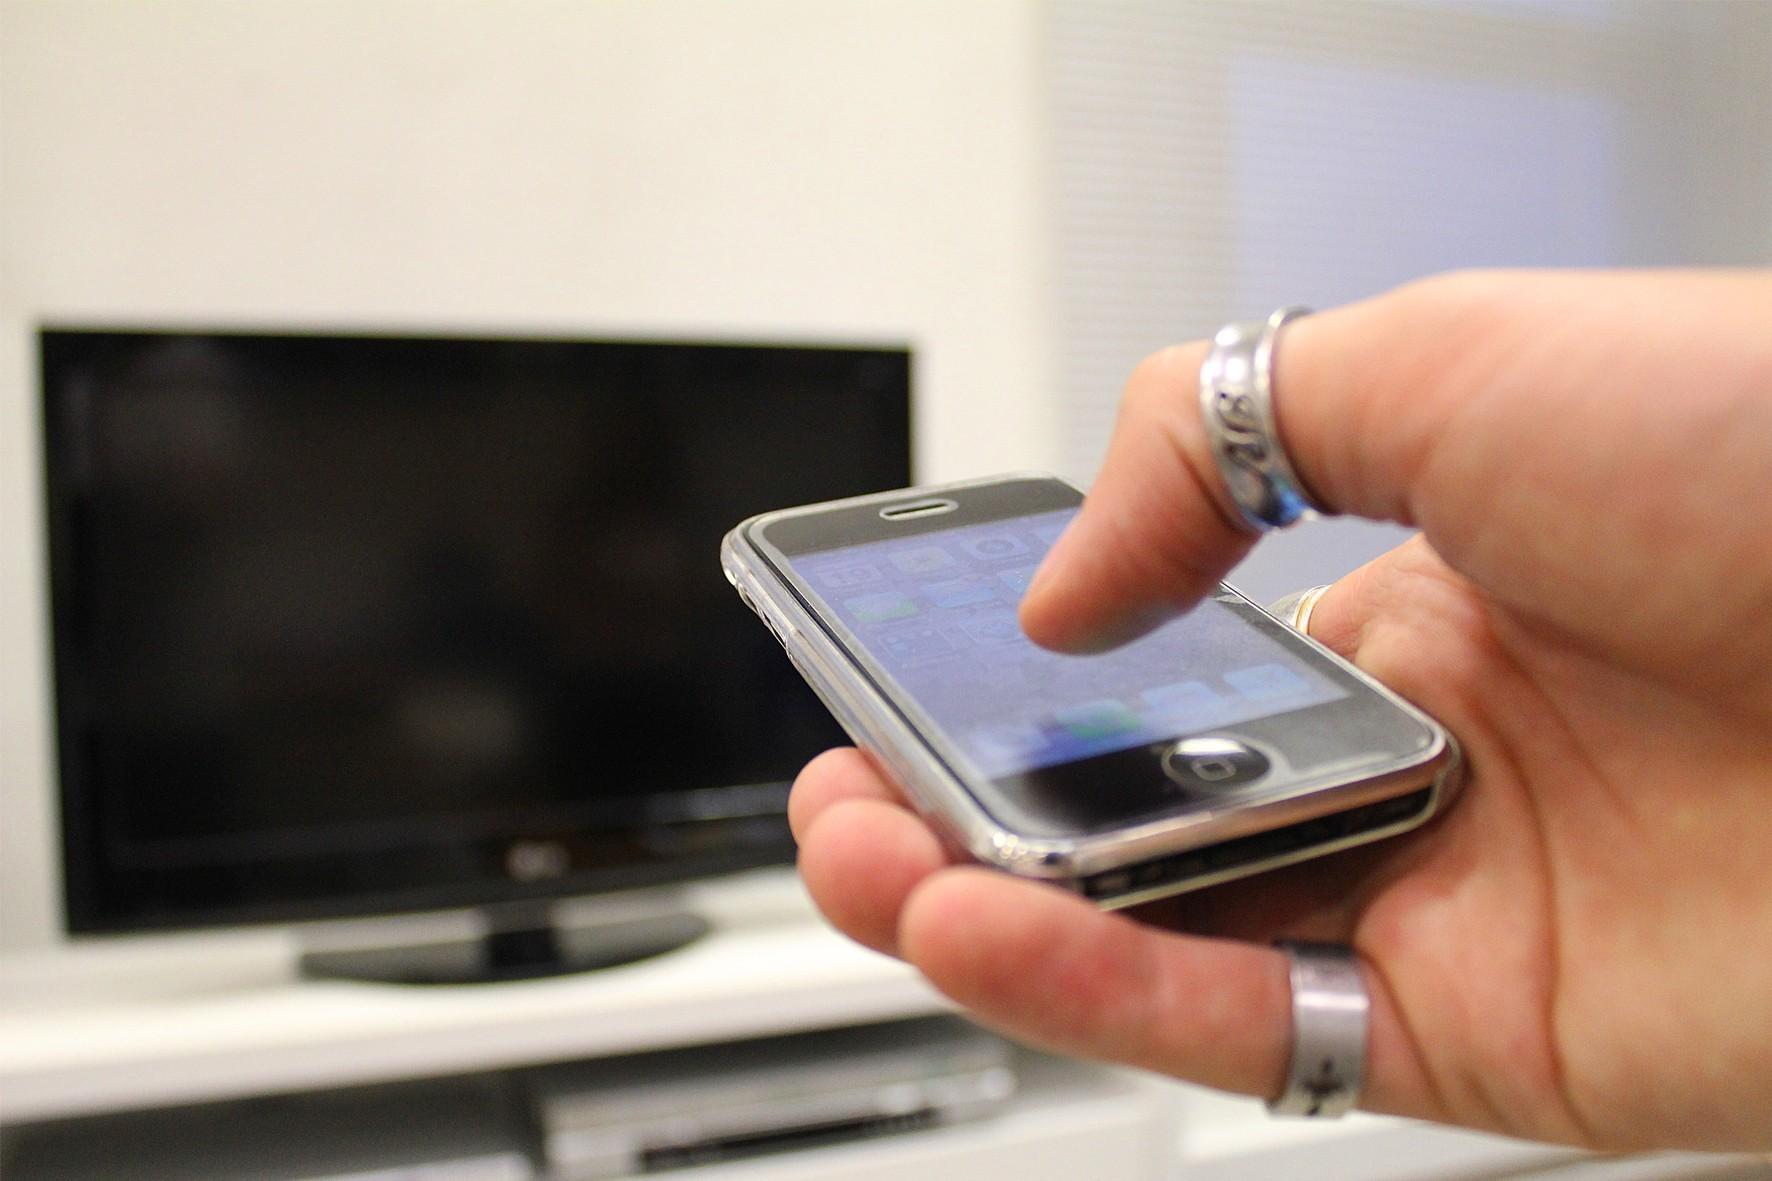 O celular e a TV são os aparelhos de telecomunicação mais comuns nas casas dos estudantes brasileiros, presentes em 97% e 89% dos domicílios, respectivamente (Foto: USP imagens)